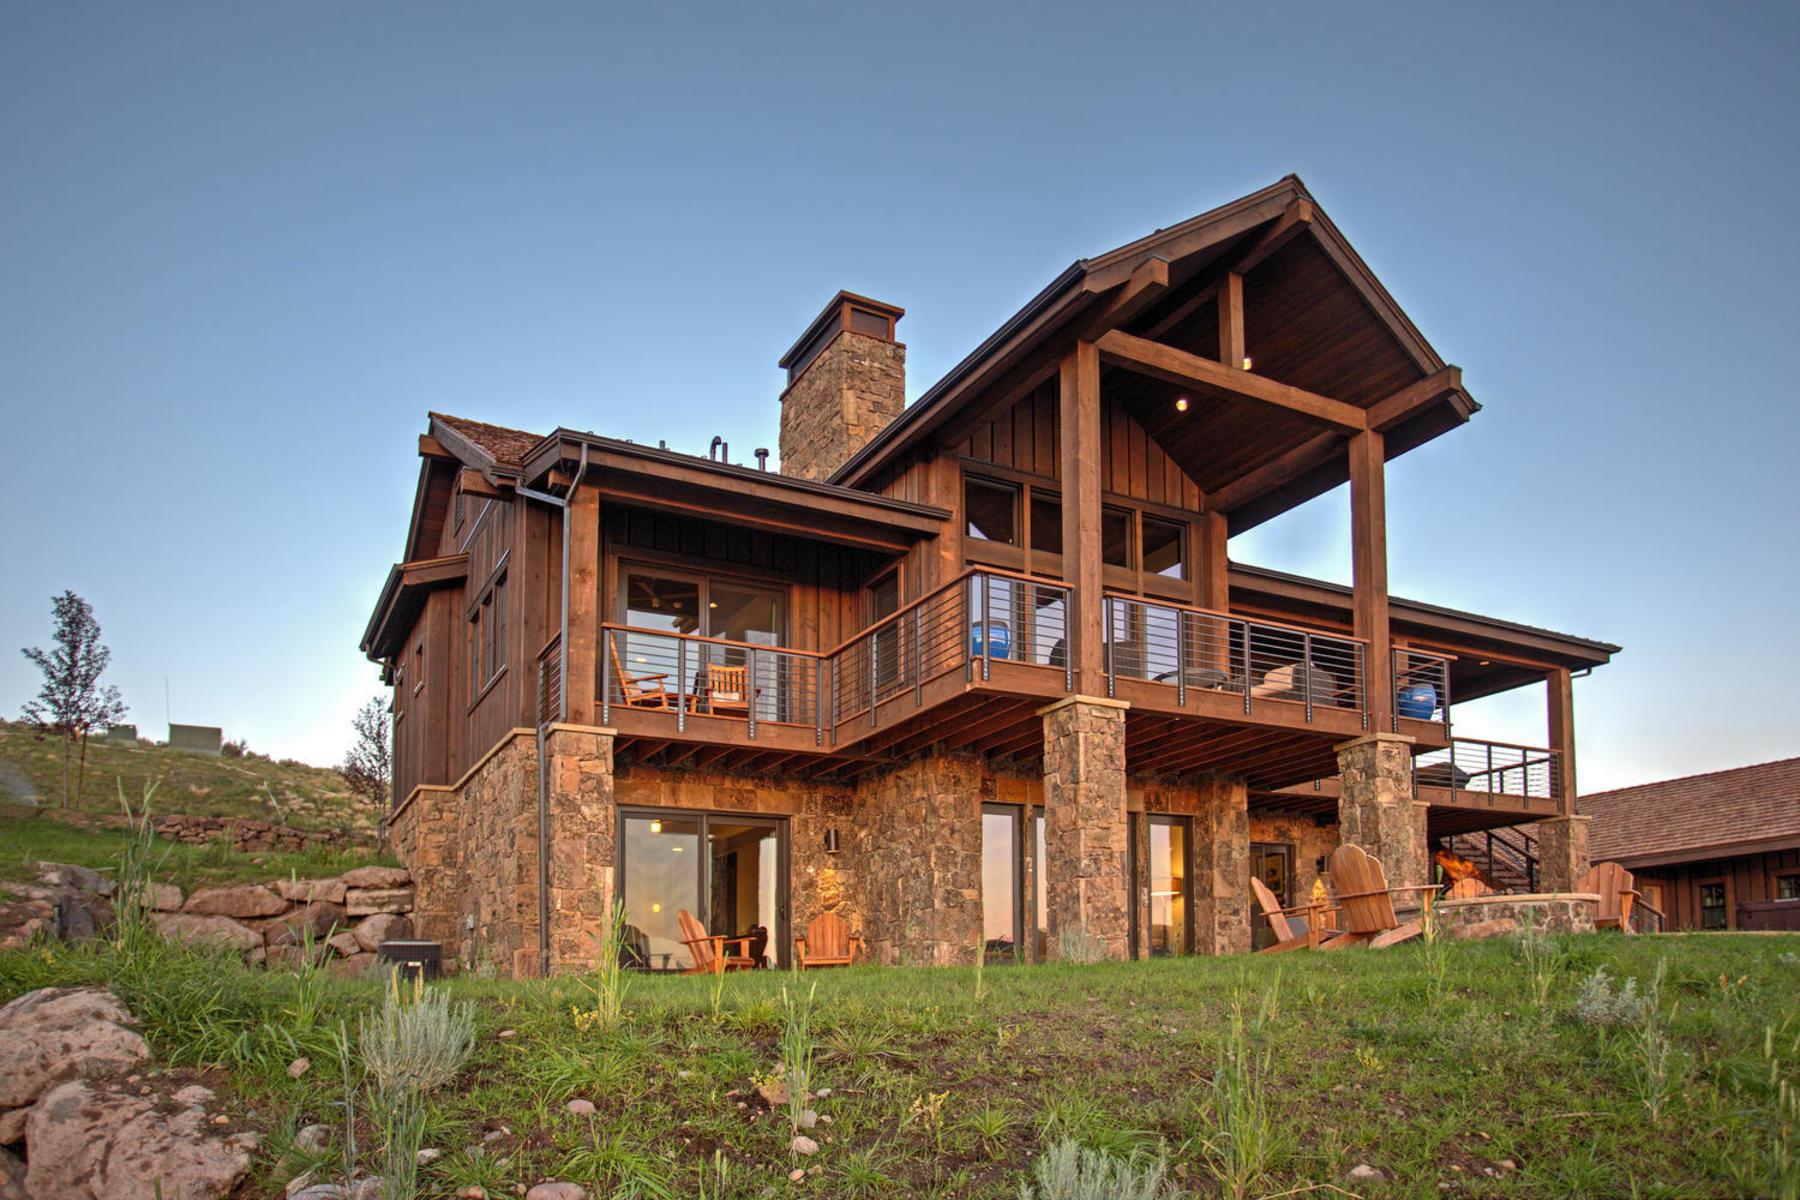 단독 가정 주택 용 매매 에 Juniper Cabin with Spectacular Views 6889 E Falling Star Cir Lot 263, Heber City, 유타, 84032 미국